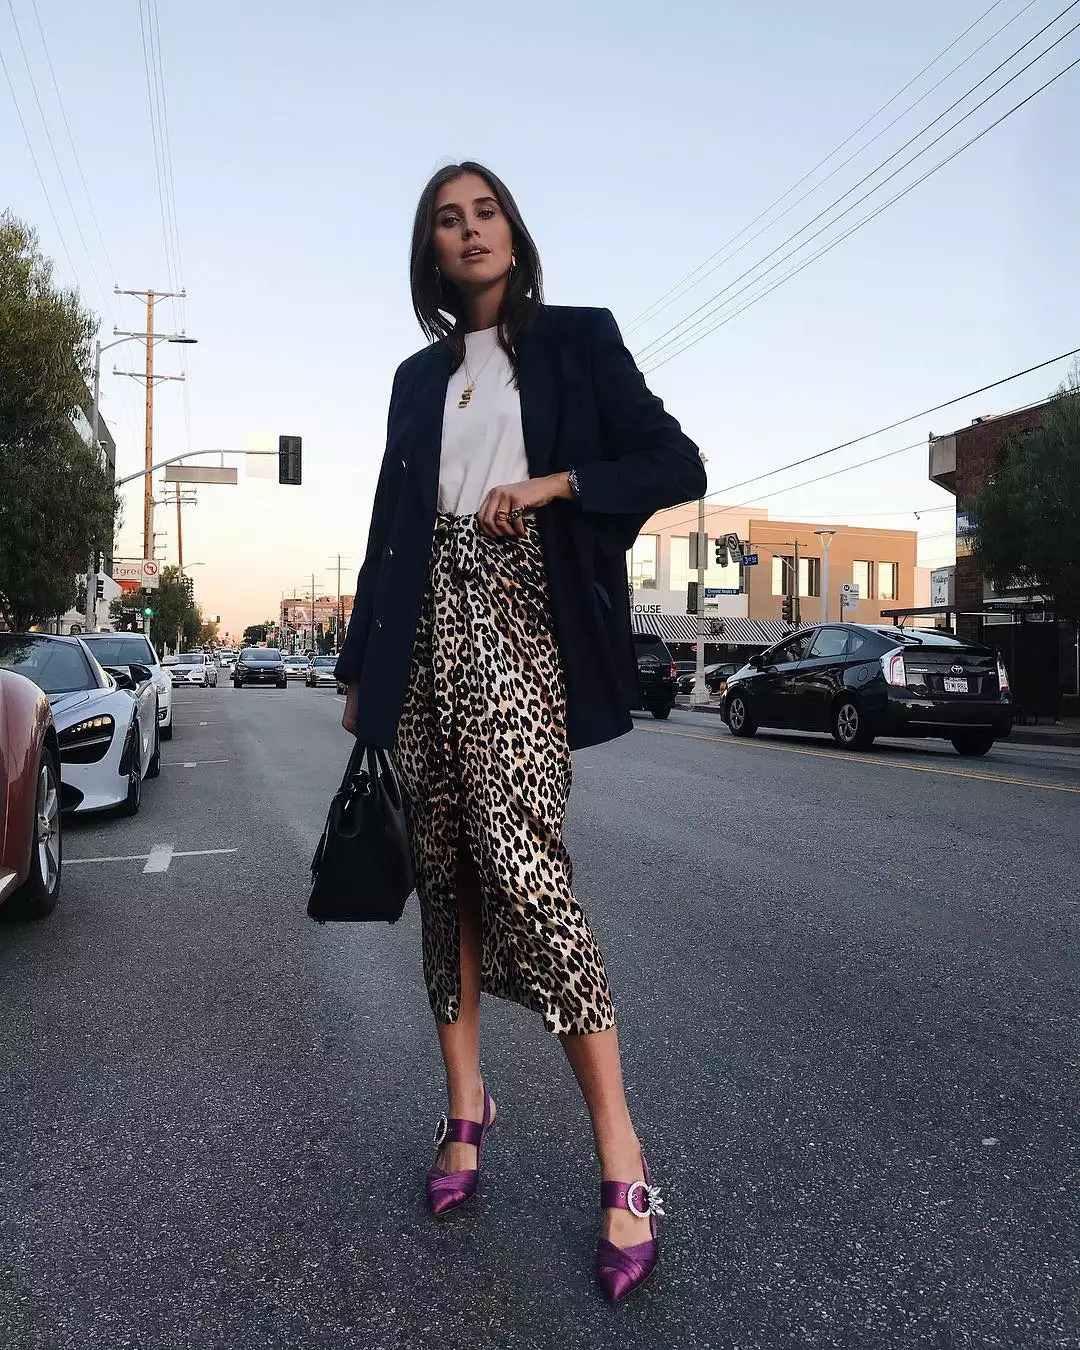 〝修身搭法,緊身窄裙配西裝外套!〞 覺得今年流行的豹紋單品太有負擔感嗎?豹紋圖案的緊身裙是值得推薦的一款,因為它基本的H線條不僅讓人看起來幹練,同時也有苗條的視覺效果!再加上開岔、緊身設計等細節的變化,又能帶來不同魅力。可以參考這位來自俄羅斯的Darja Barannik,搭配長度稍微遮住屁股的黑色西裝外套,可以同時遮住屁股和大腿肉,又可以打造高冷的氛圍,再加上色彩較鮮明的鞋子裝點就完美了!